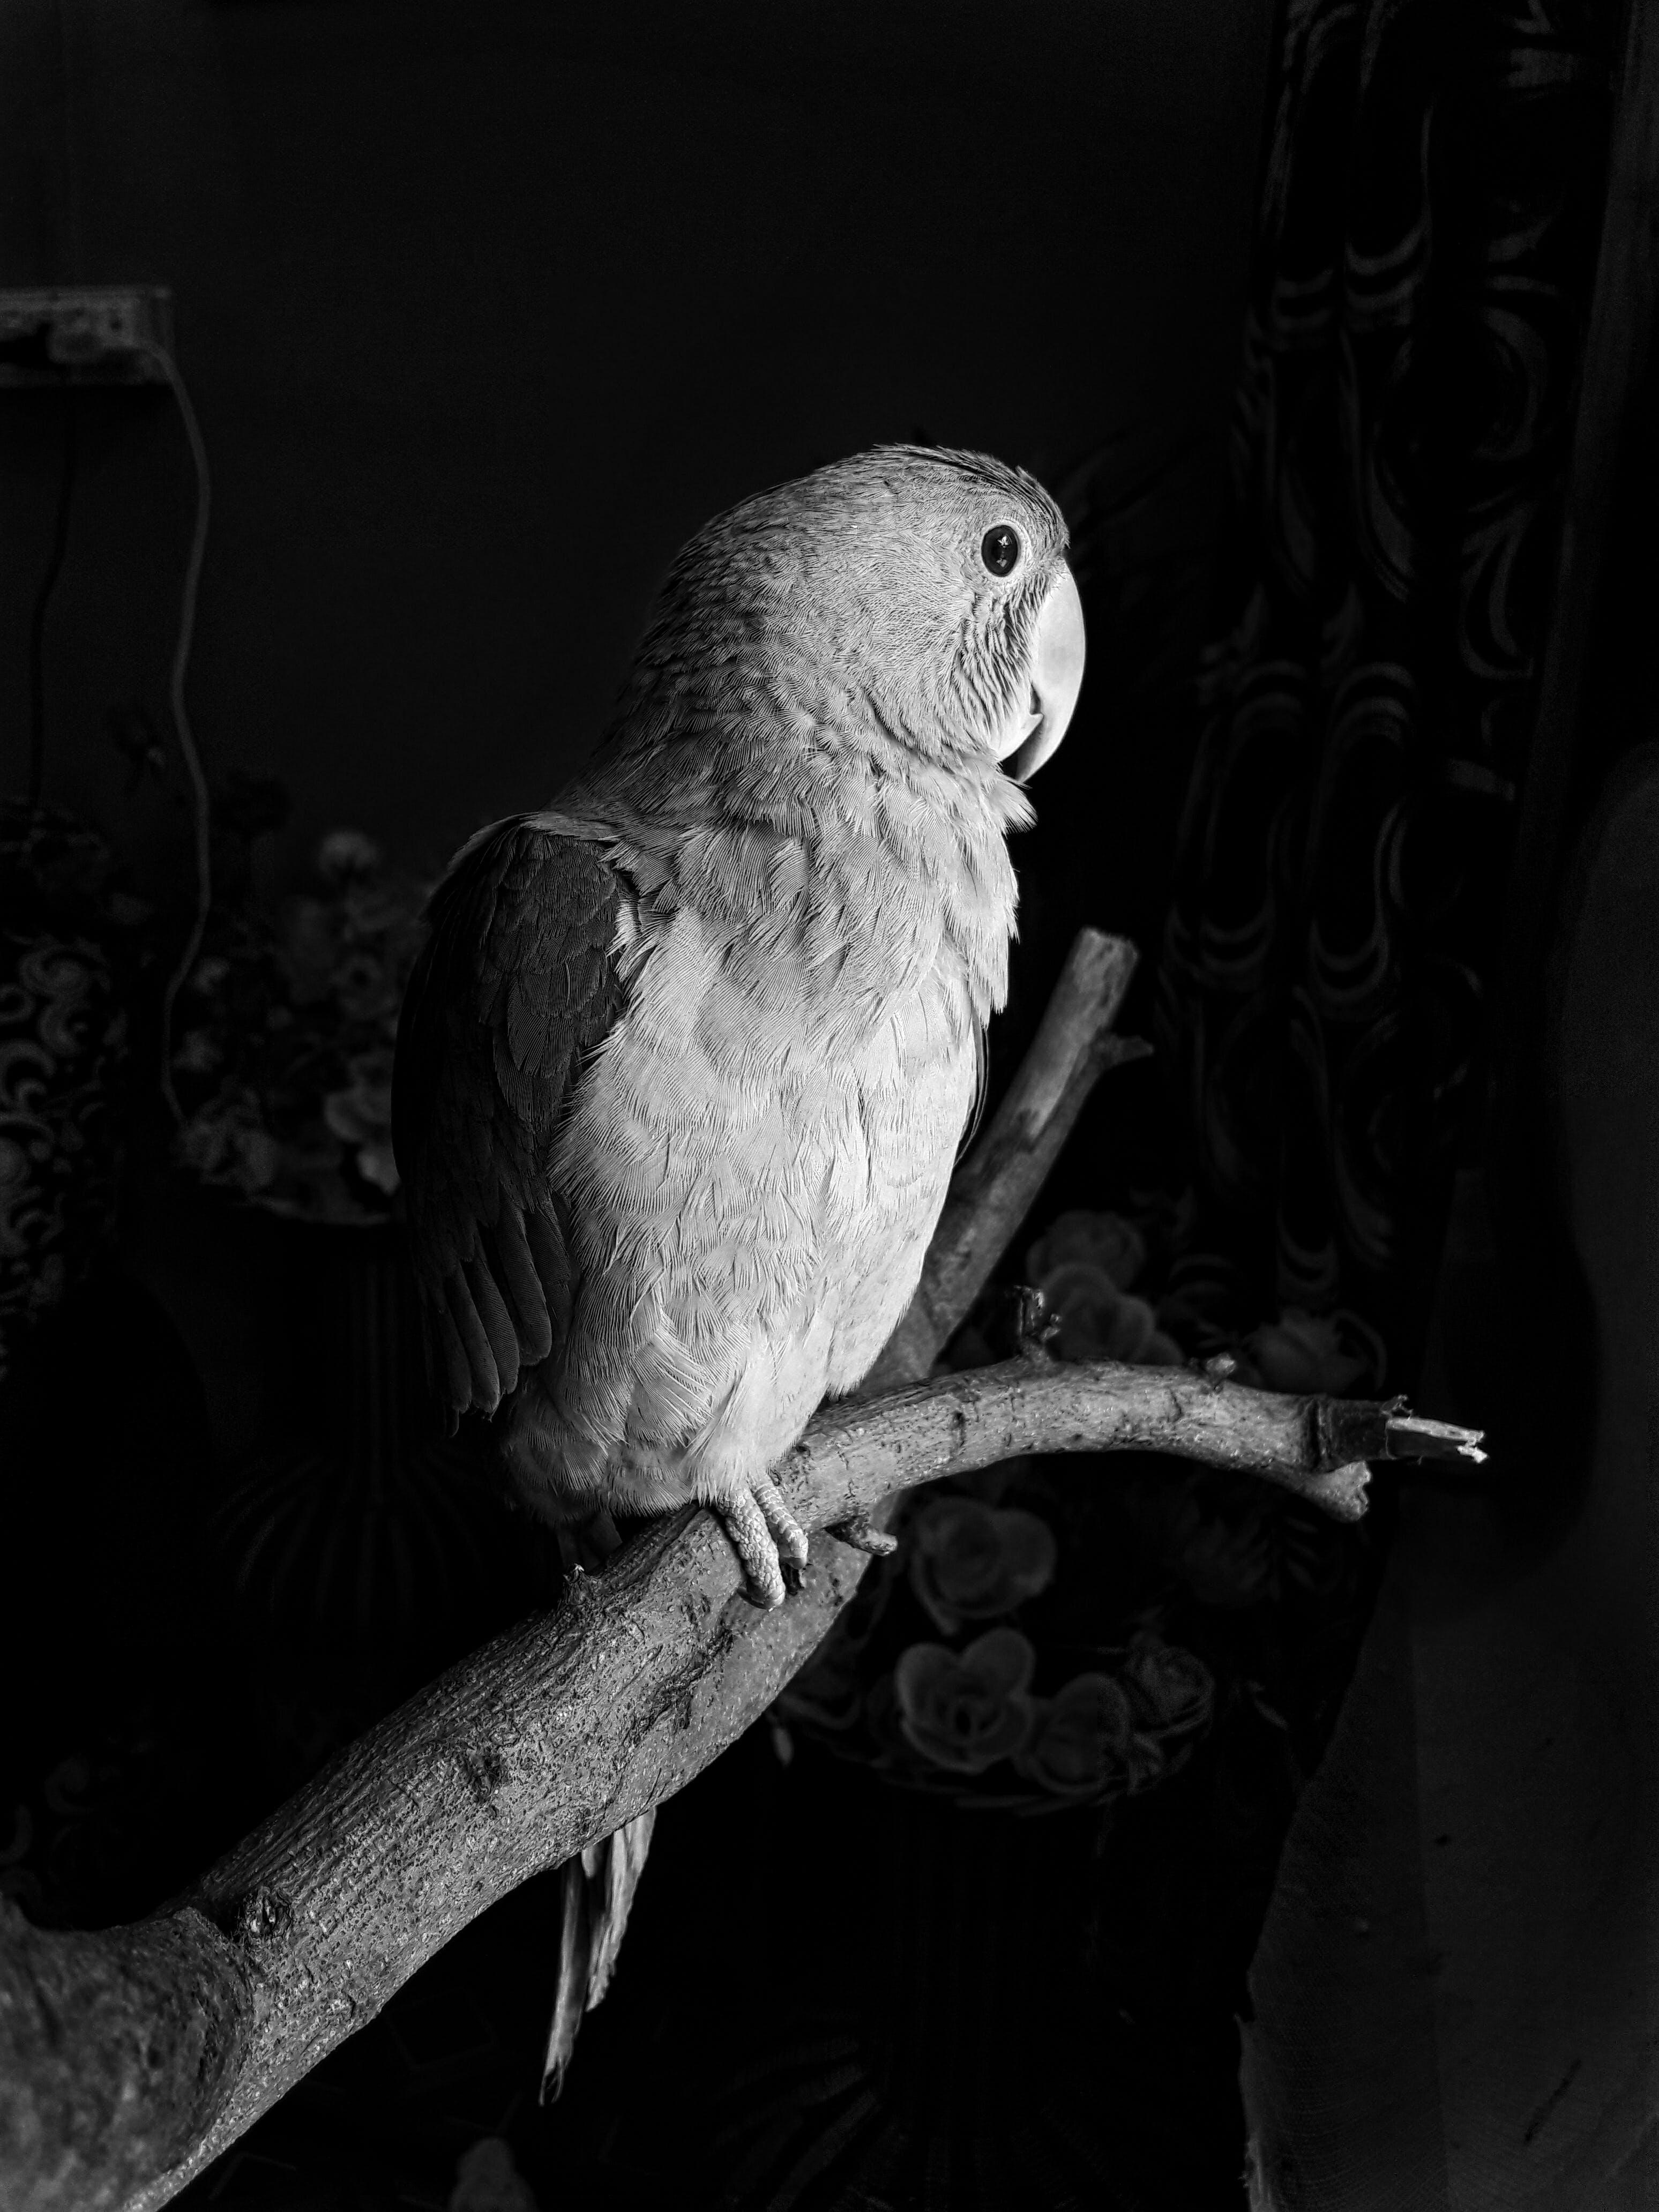 Gratis lagerfoto af Ara, papegøje, siddende, sort/hvid